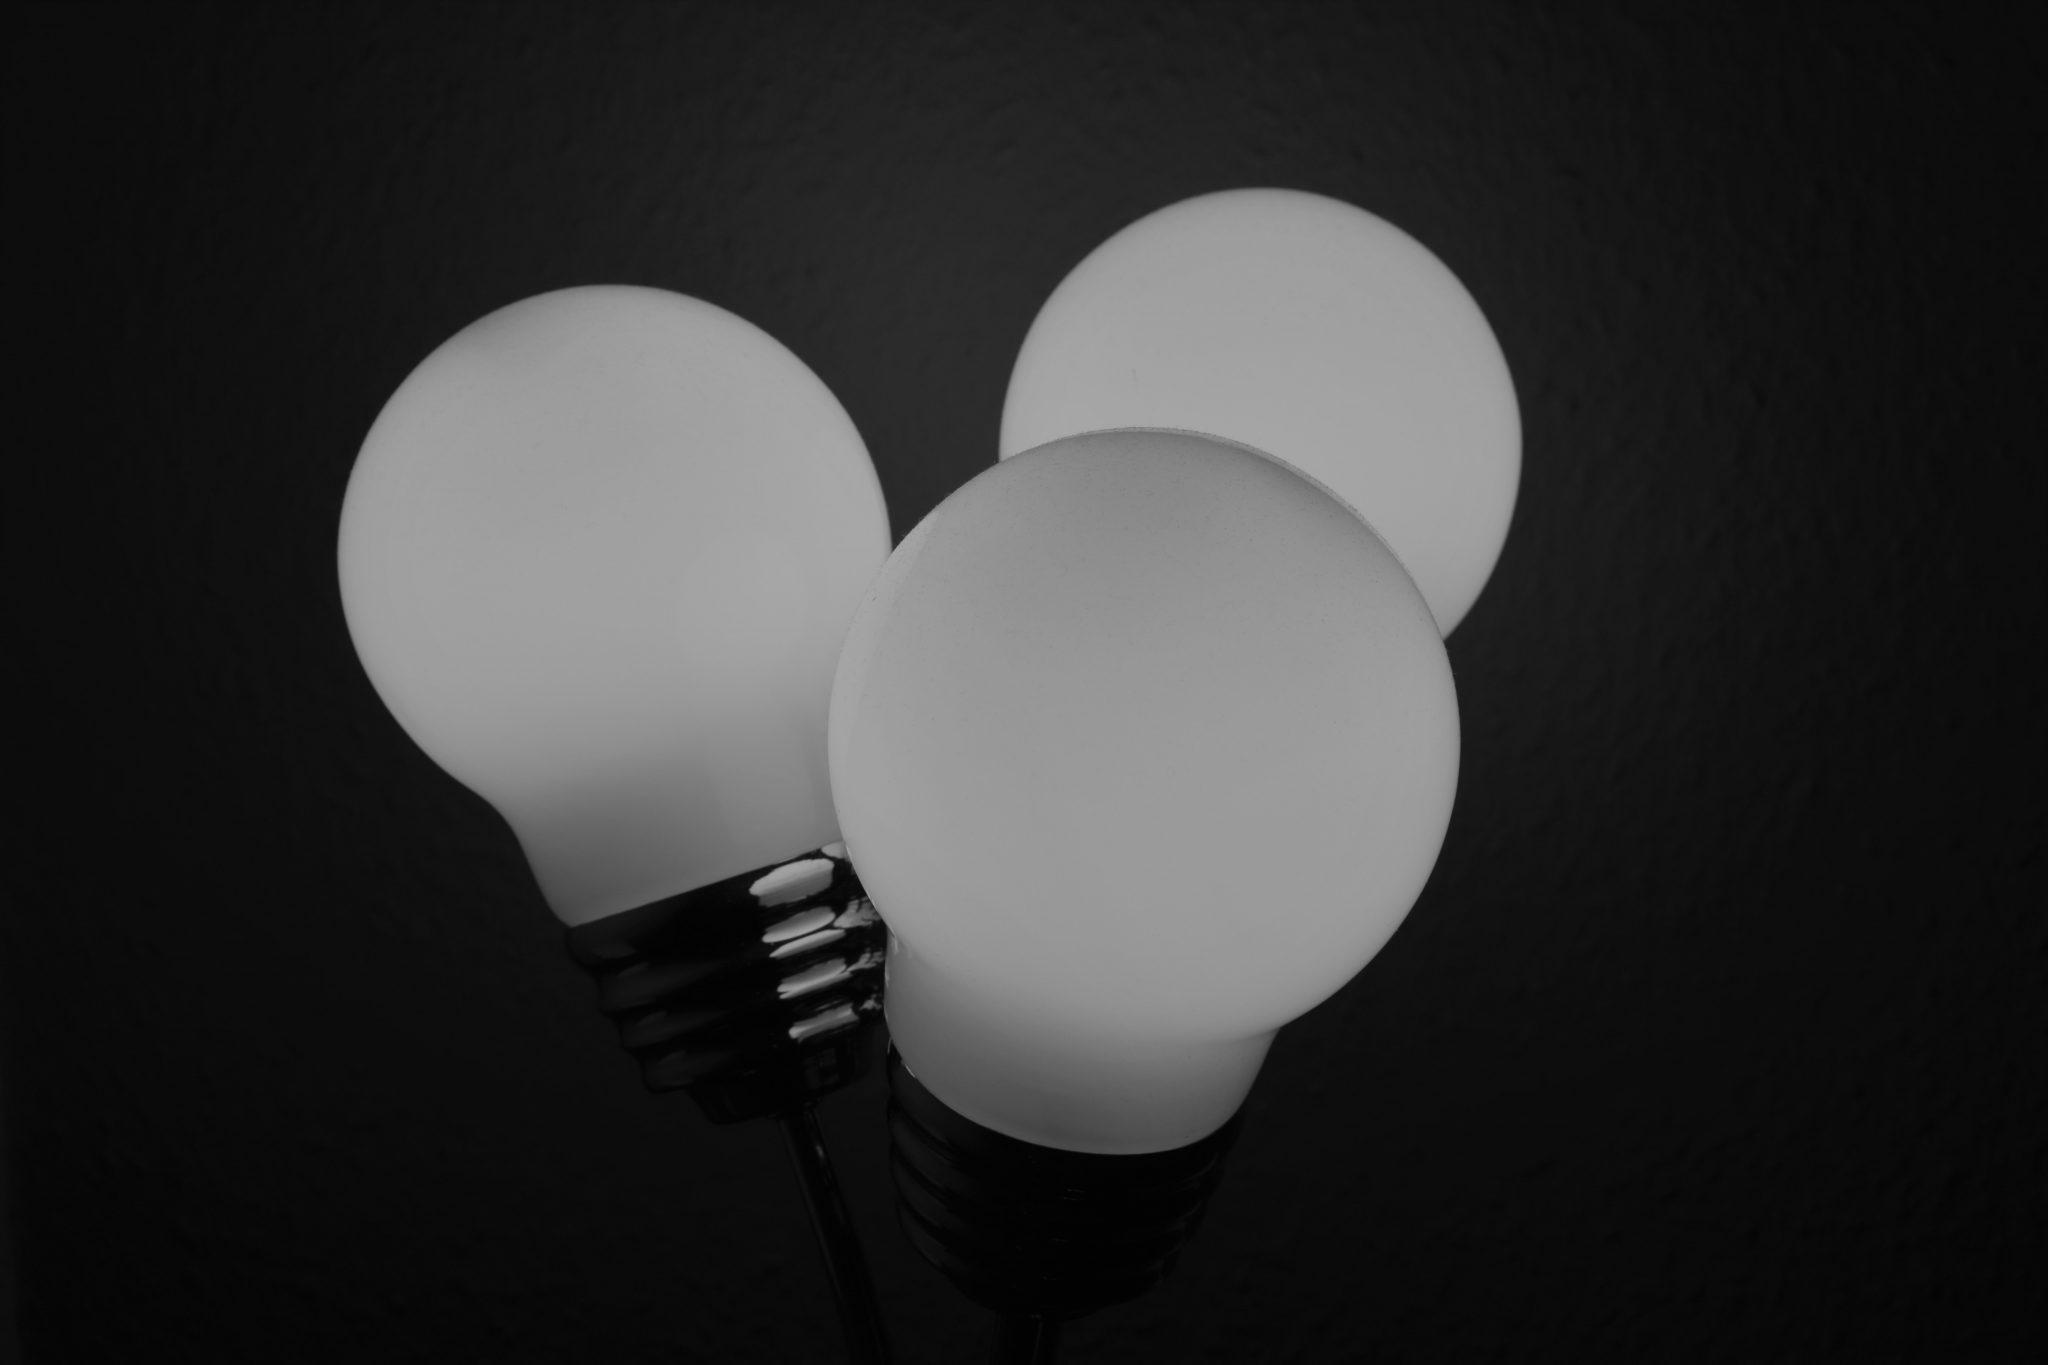 Foto von drei weißen Glühbirnen als Synonym für Videokonferenzen ohne SchnickSchnack